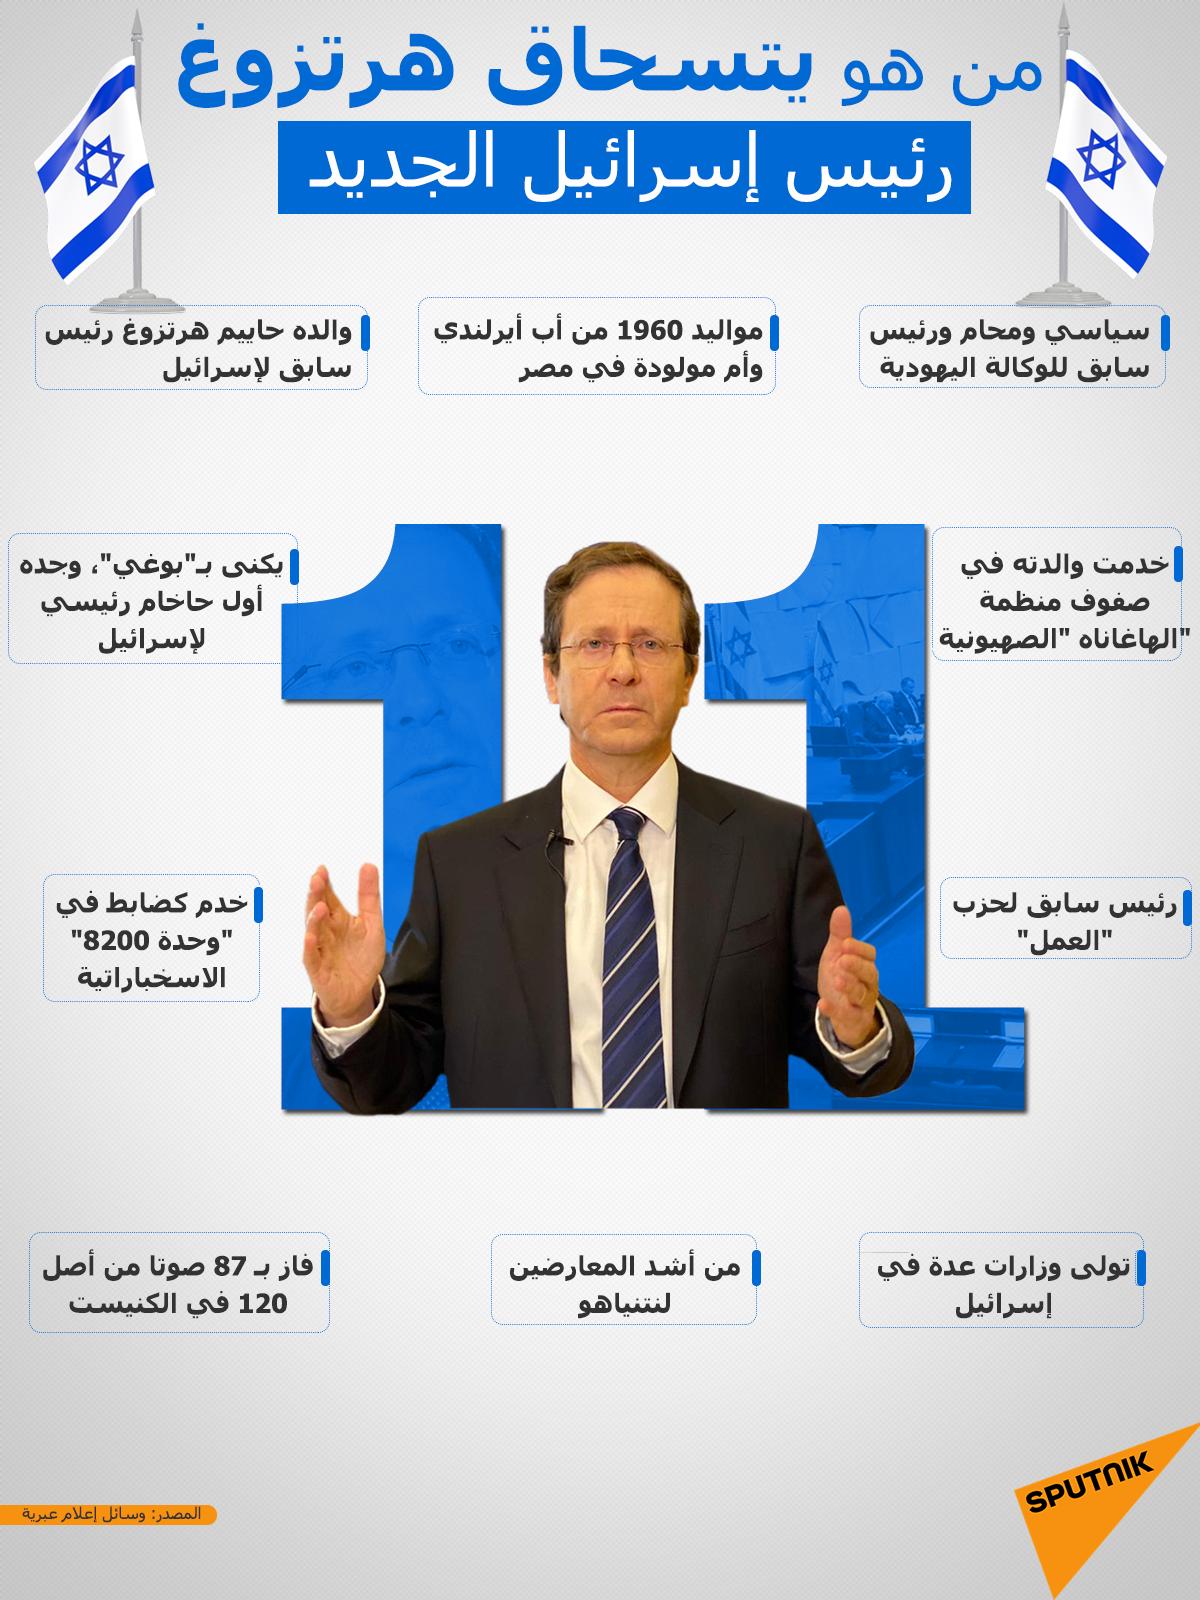 إنفوجرافيك... من هو رئيس إسرائيل الجديد؟